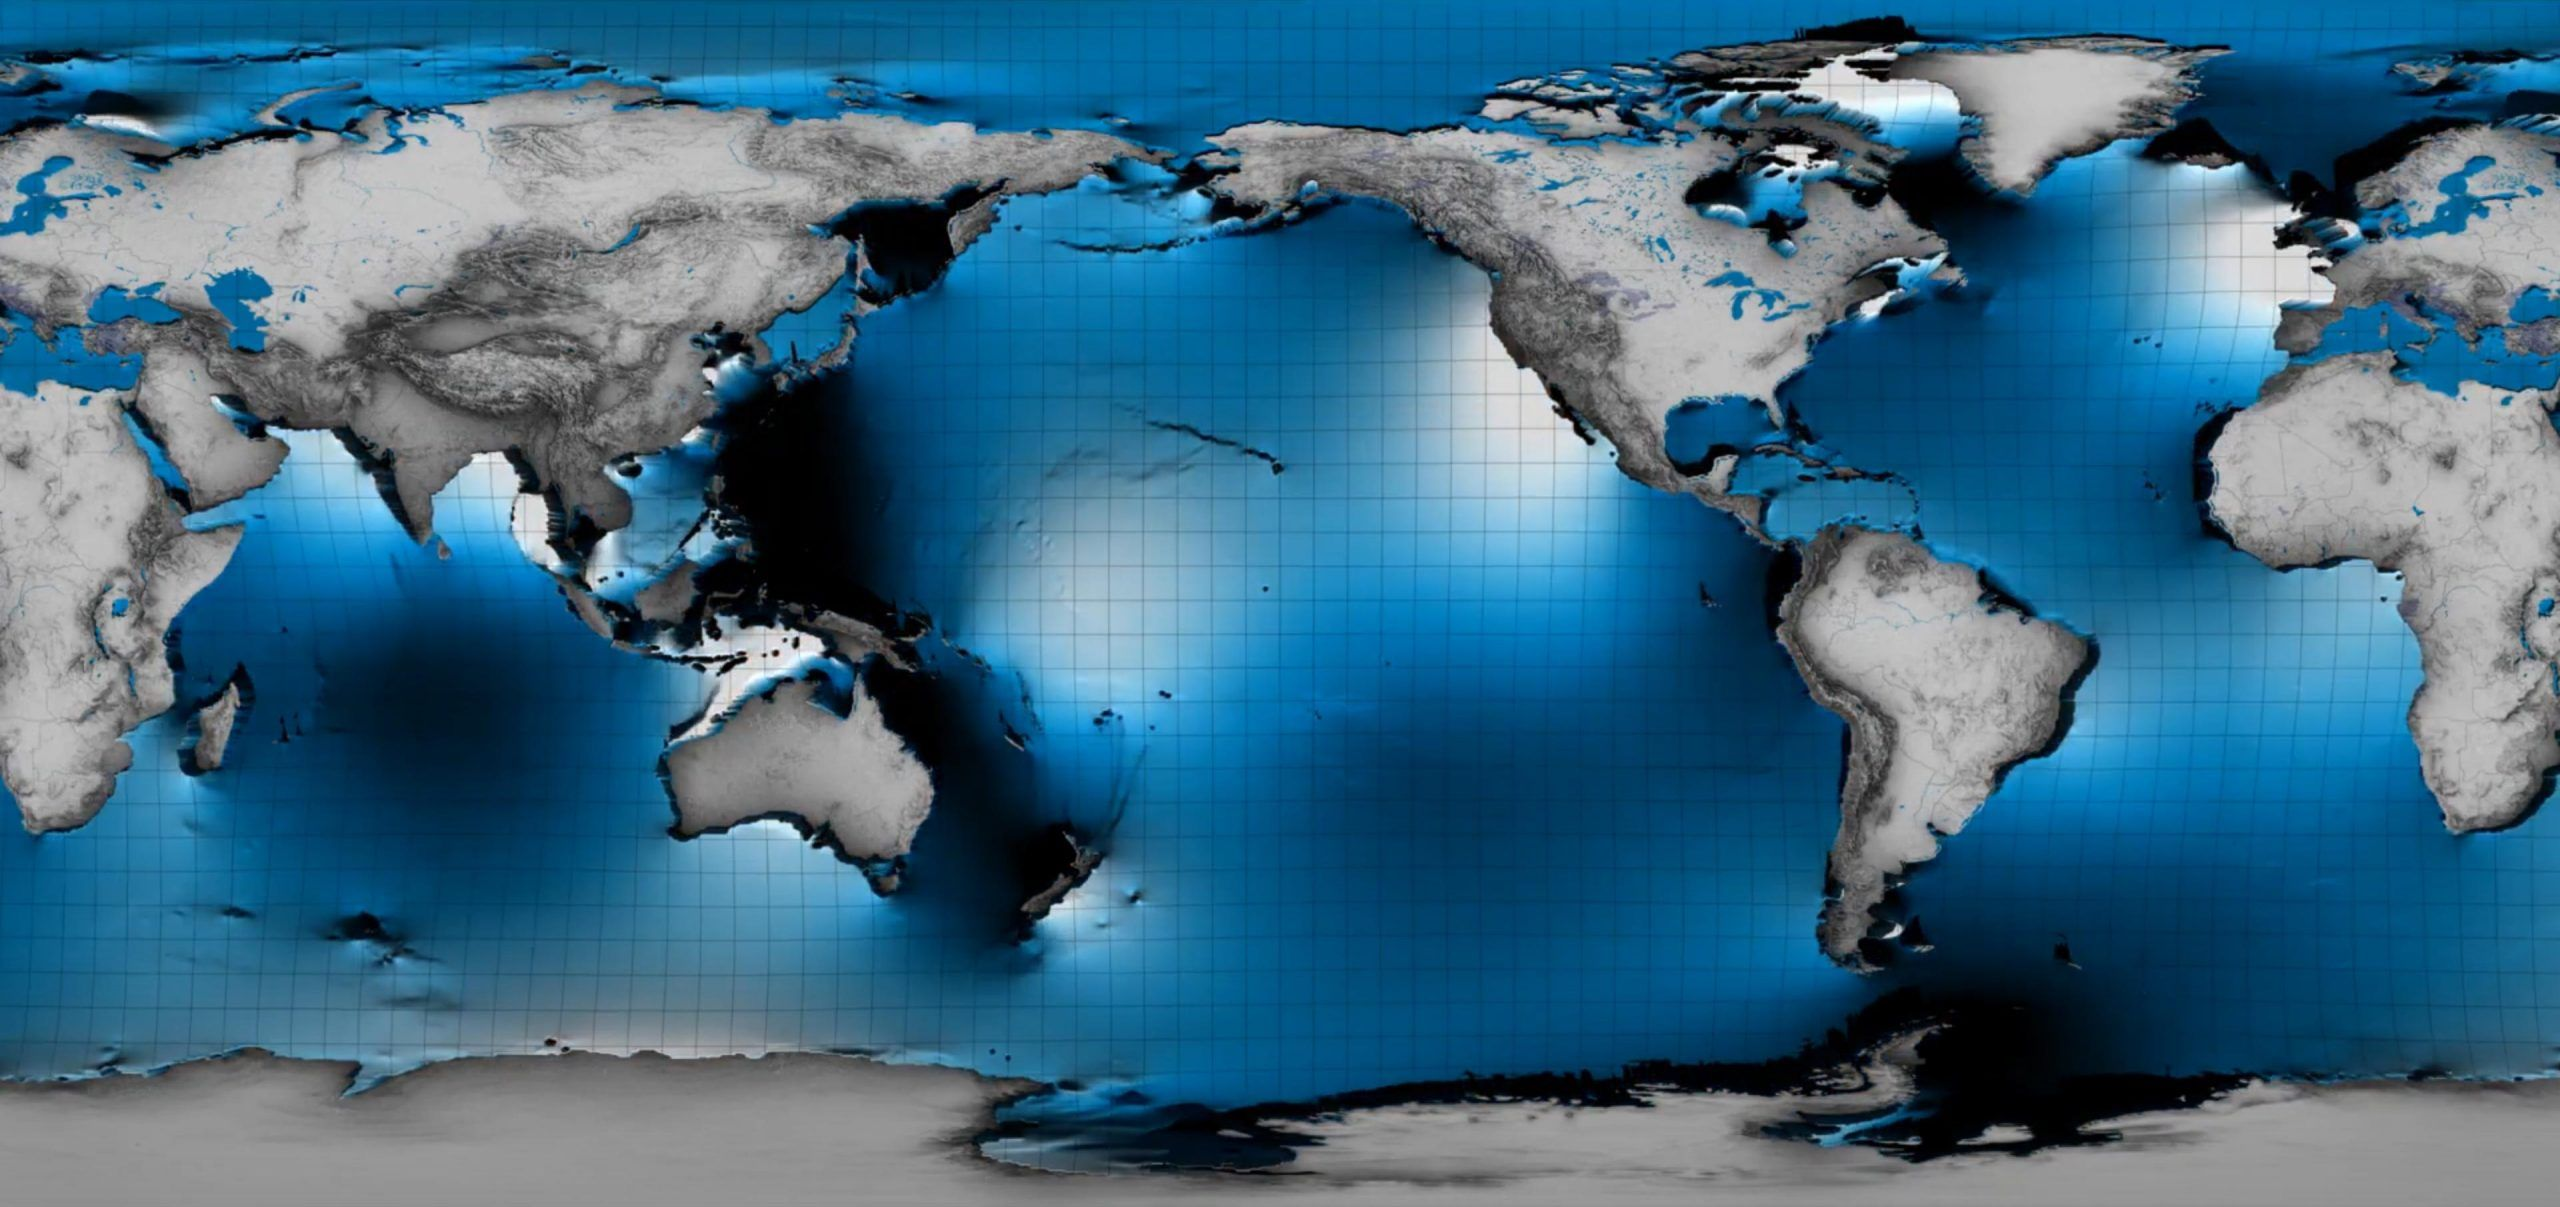 NASA用衛星感知到瞭海洋表面下的潮汐